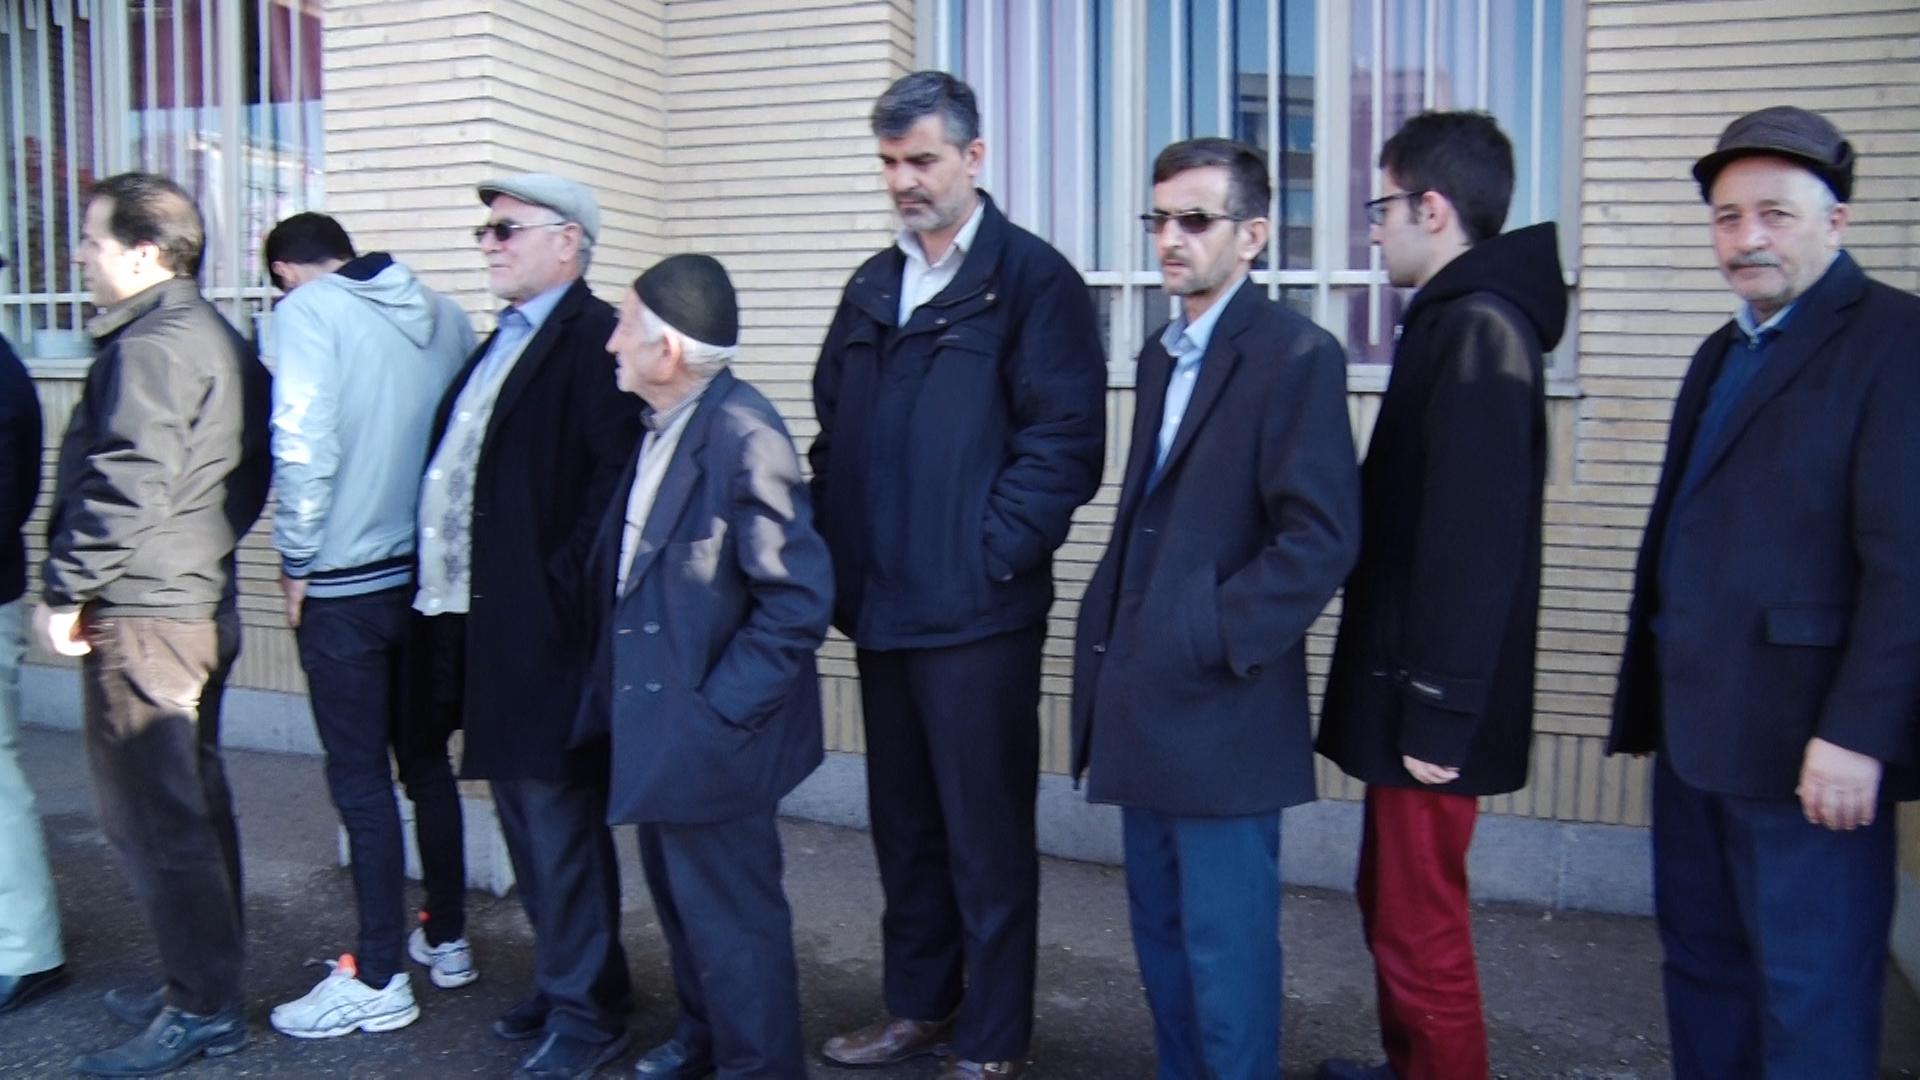 آغاز رای گیری انتخابات در زنجان/  ۸۰۲ هزار و ۷۳۶  زنجانی واجد شرایط رای دادن هستند